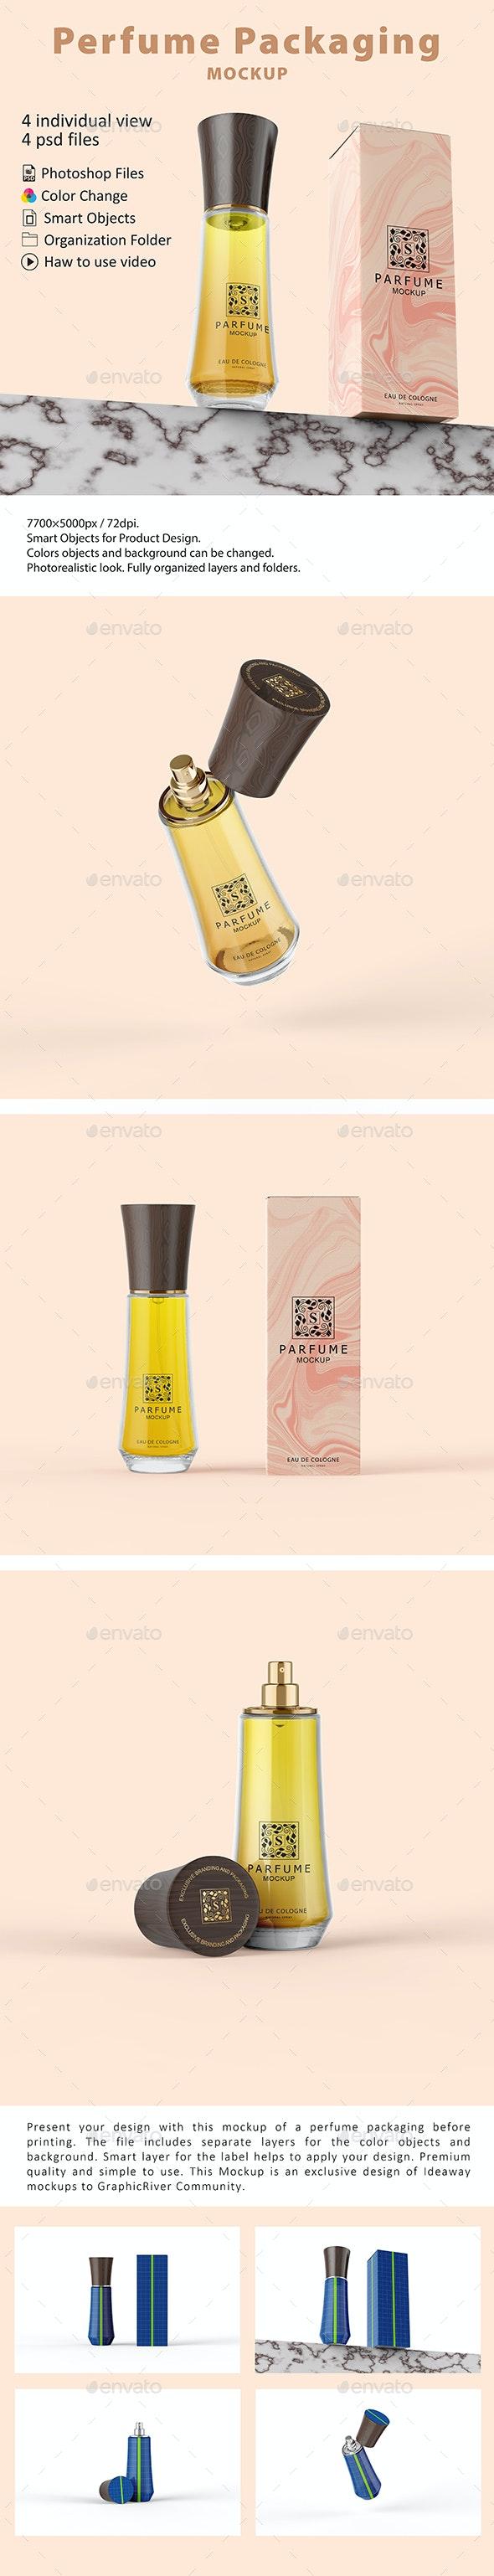 Perfume Packaging Mockup - Beauty Packaging